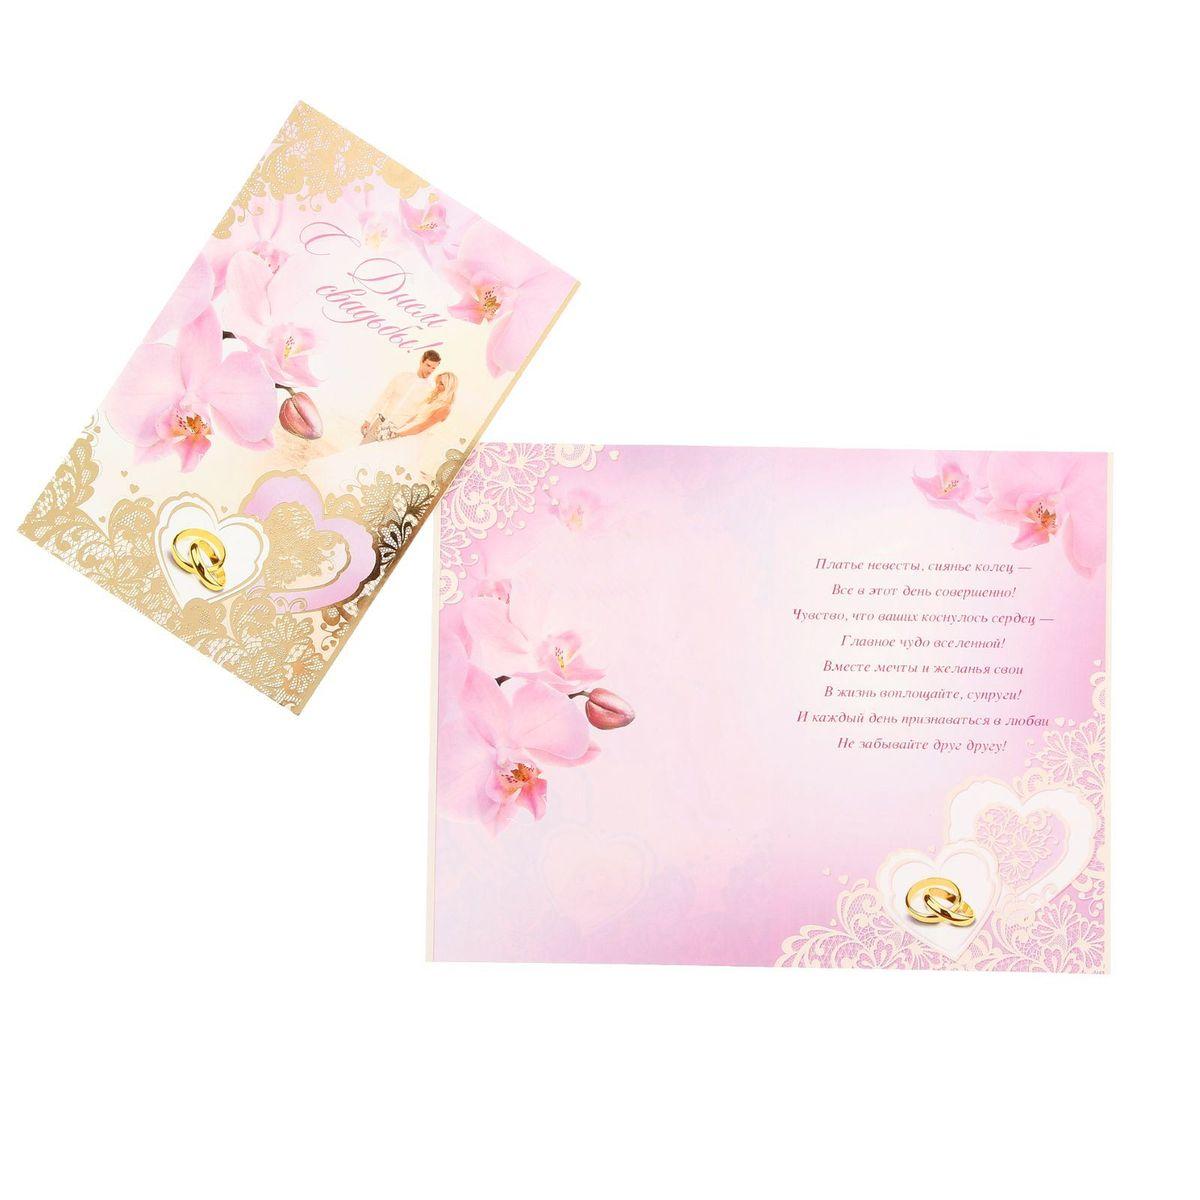 Открытка Мир открыток С Днем свадьбы! Розовые орхидеиRG-D31SЕсли вы хотите порадовать себя или близких, создать праздничное настроение и с улыбкой провести памятный день, то вы, несомненно, сделали правильный выбор! Открытка Мир открыток С Днем свадьбы! Розовые орхидеи, выполненная из картона, отличается не только оригинальным дизайном, но и высоким качеством.Лицевая сторона изделия оформлена красивым изображением розовых орхидей, молодоженов и колеца также дополнена тиснением фольгой. Внутри открытка содержит текст с поздравлением.Такая открытка непременно порадует получателя и станет отличным напоминанием о проведенном вместе времени.